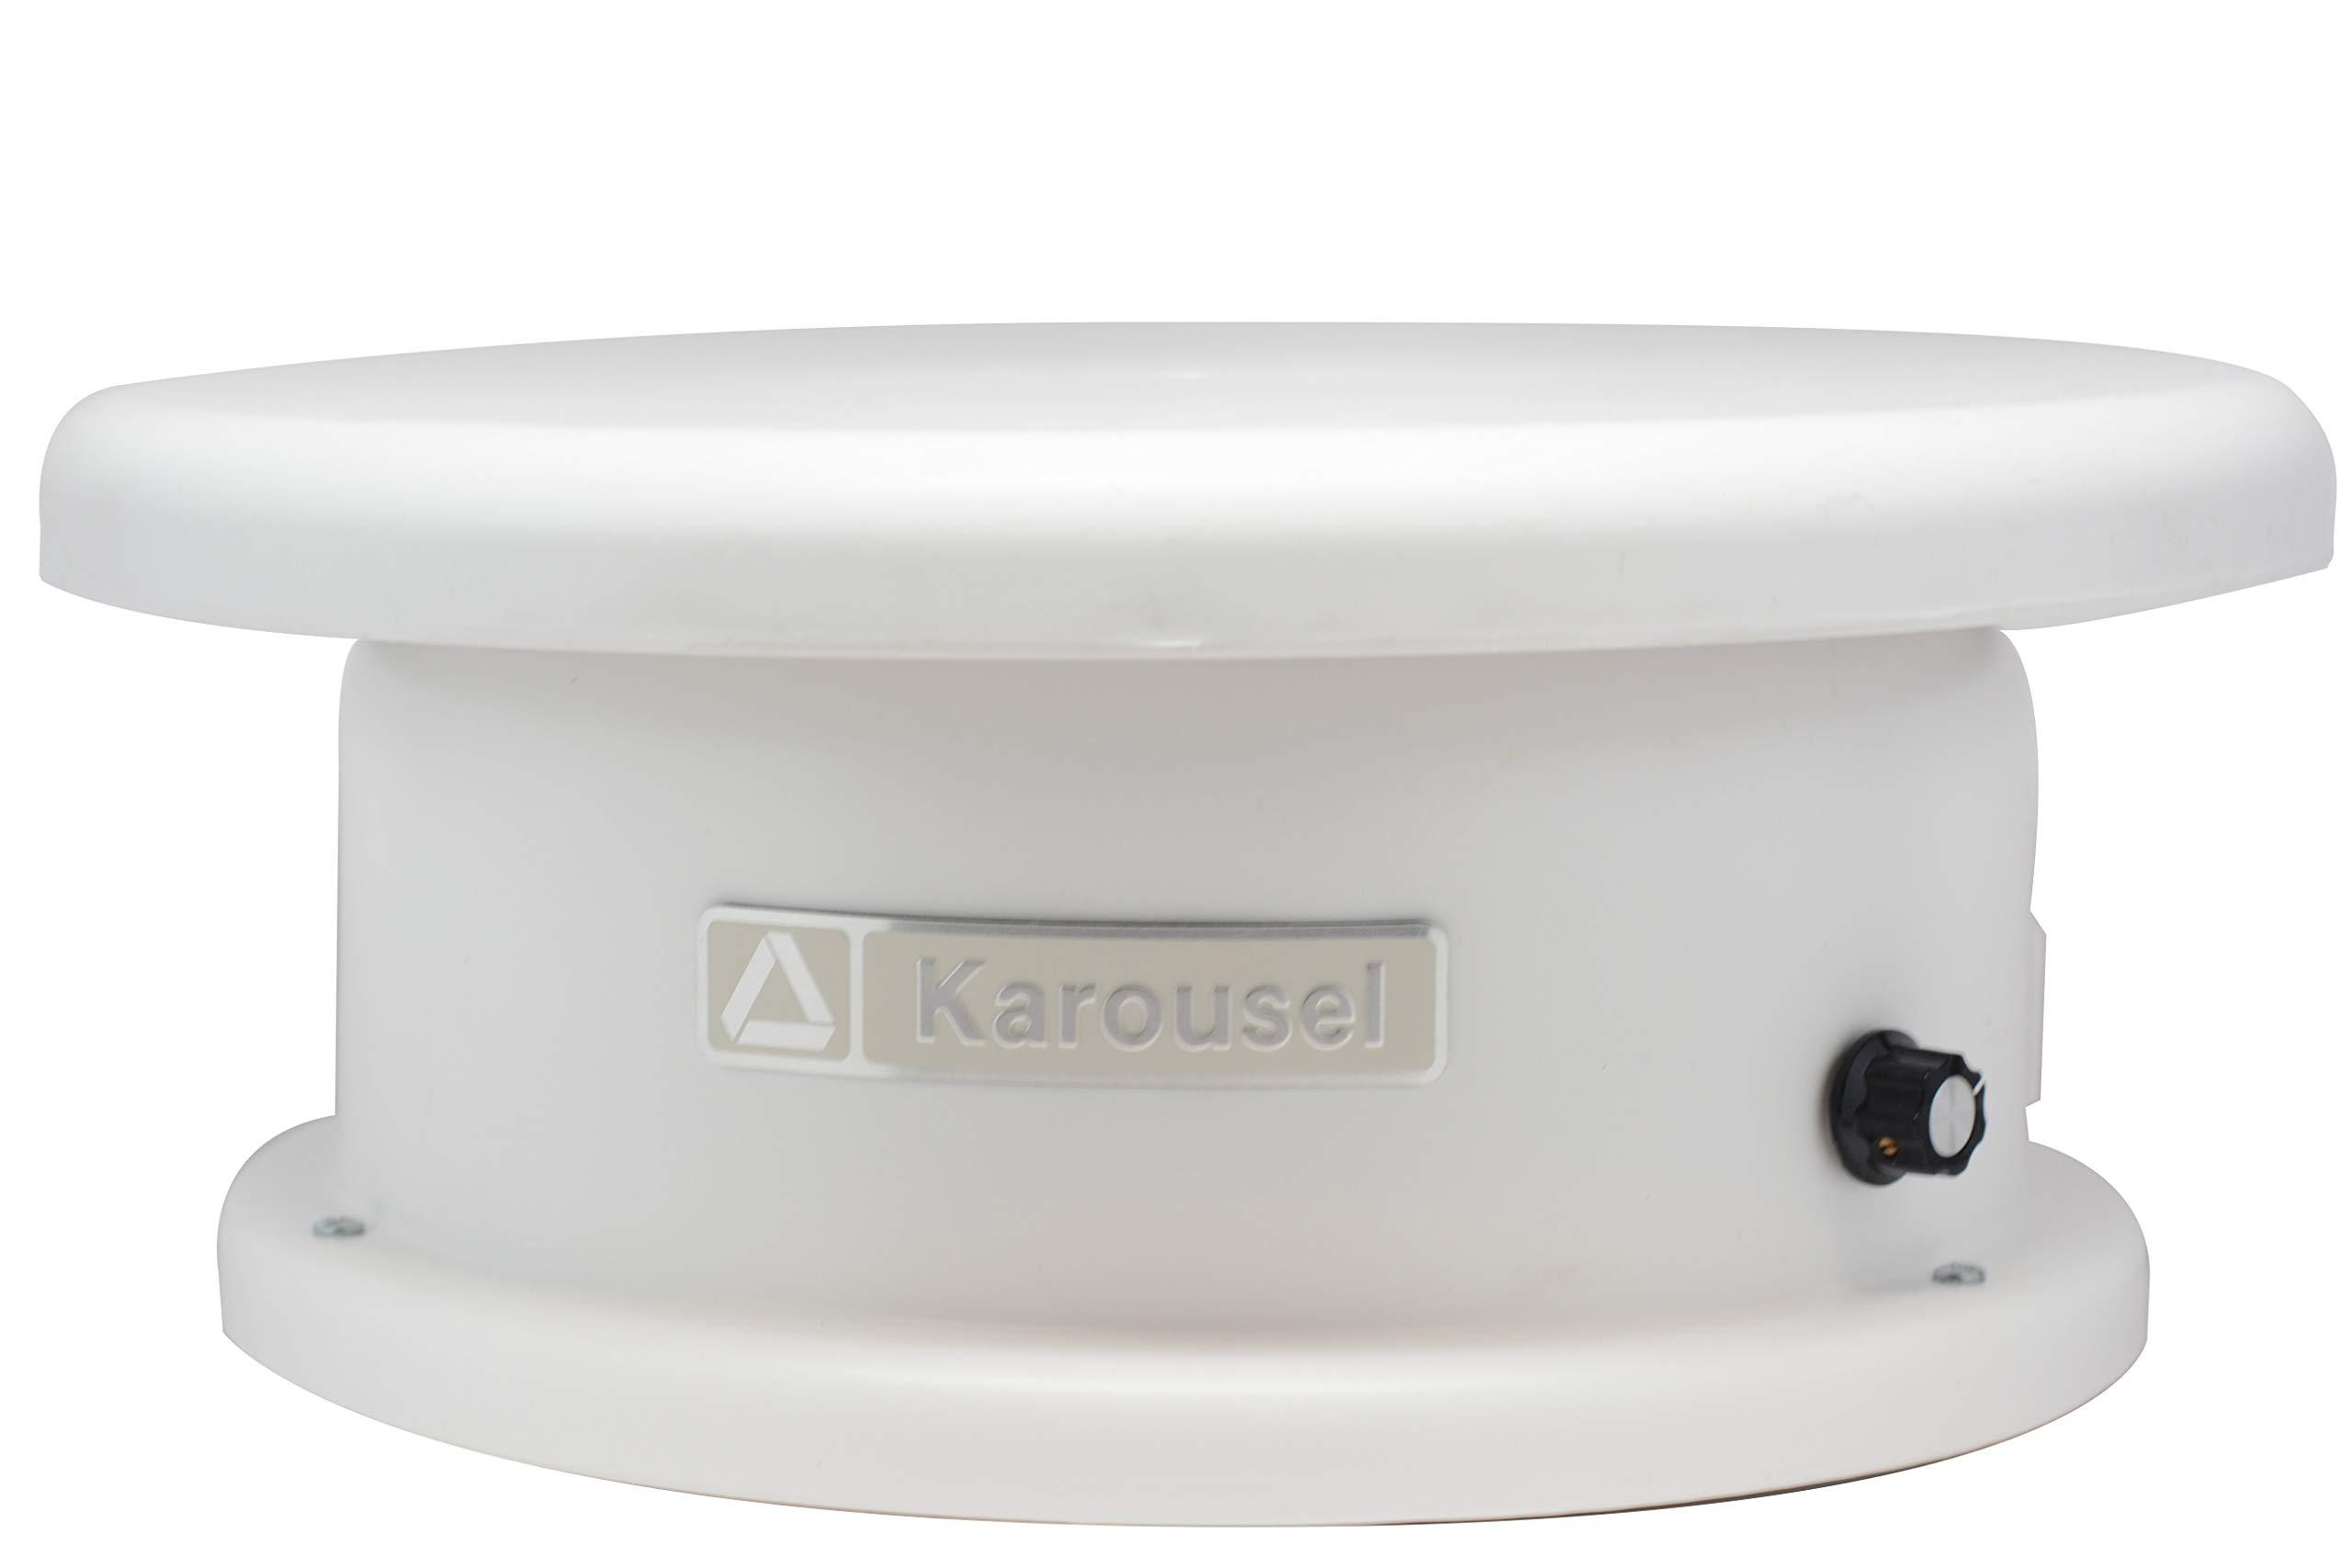 Kopykake Variable Speed Karousel Turntable by Kopykake